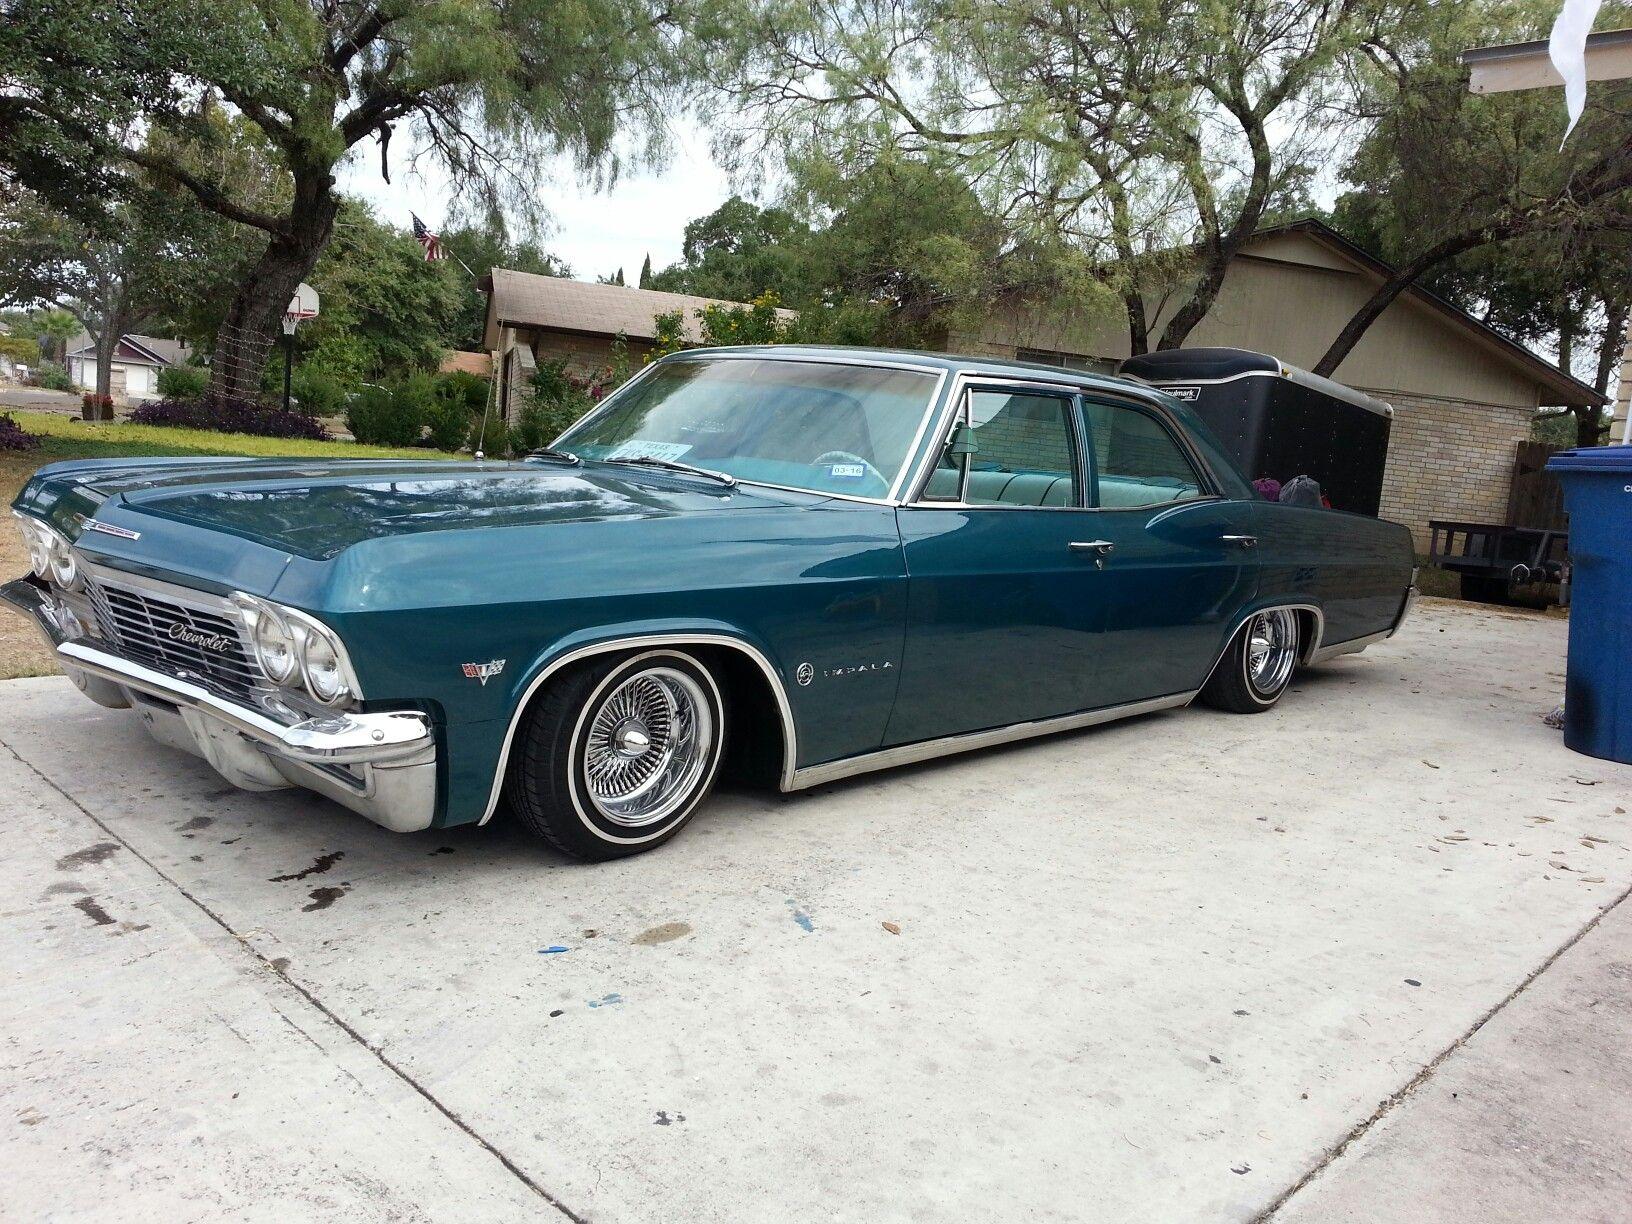 65 Impala Downtown San Antonio San Antonio San